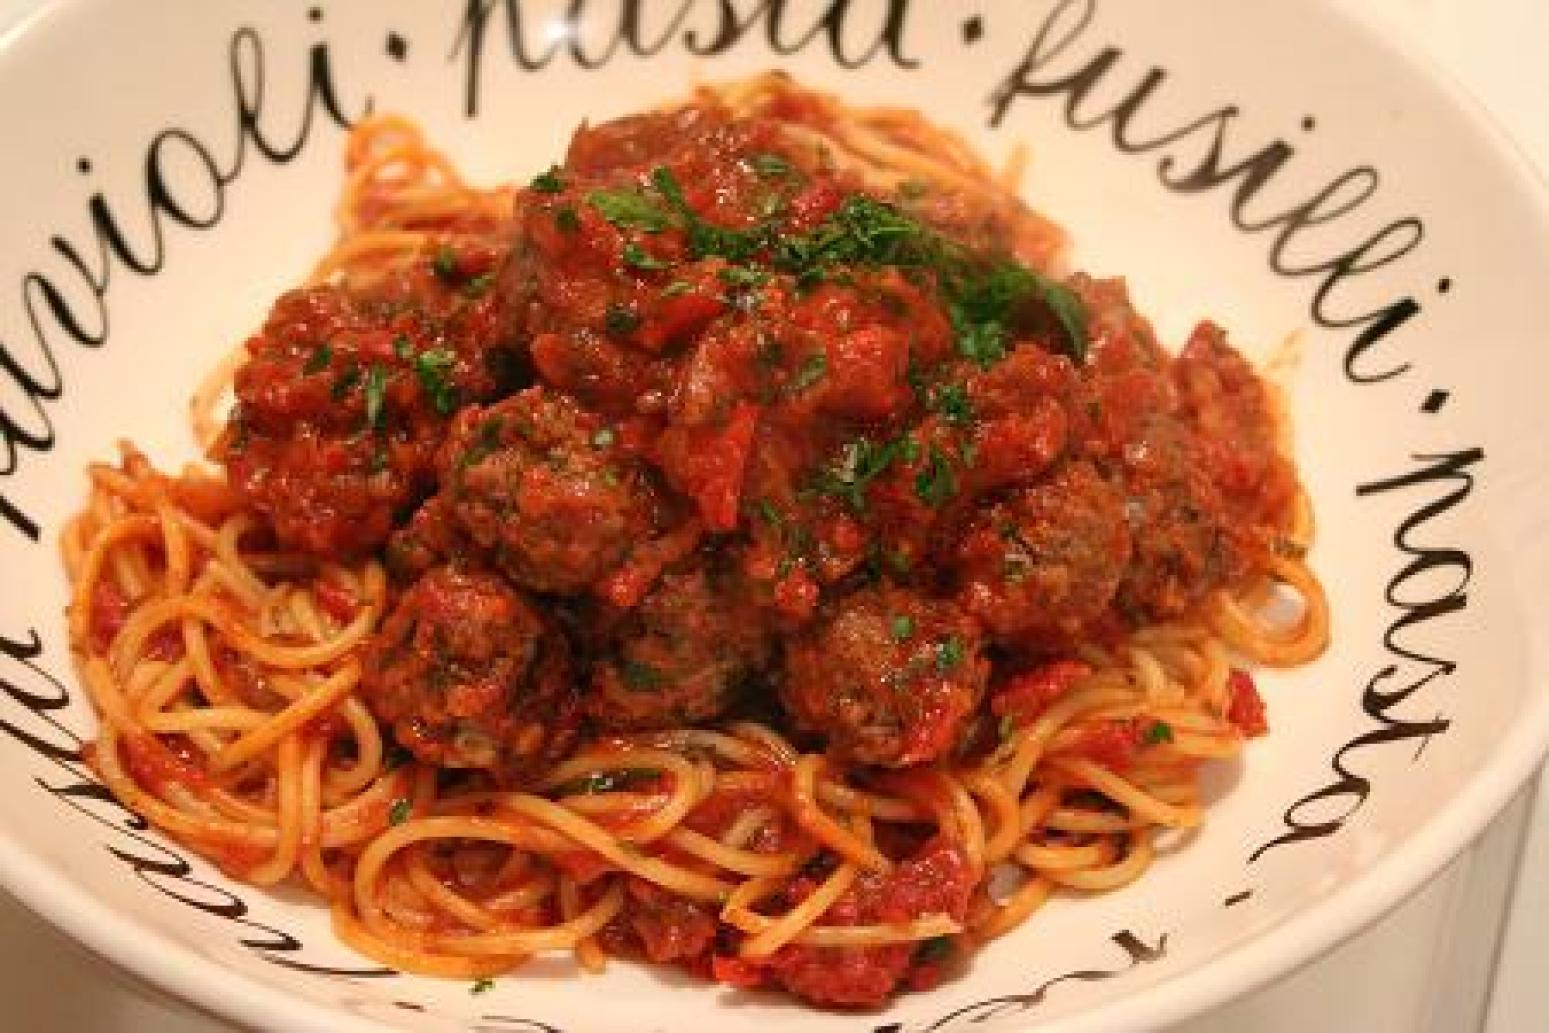 Freda's Spaghetti Sauce Recipe